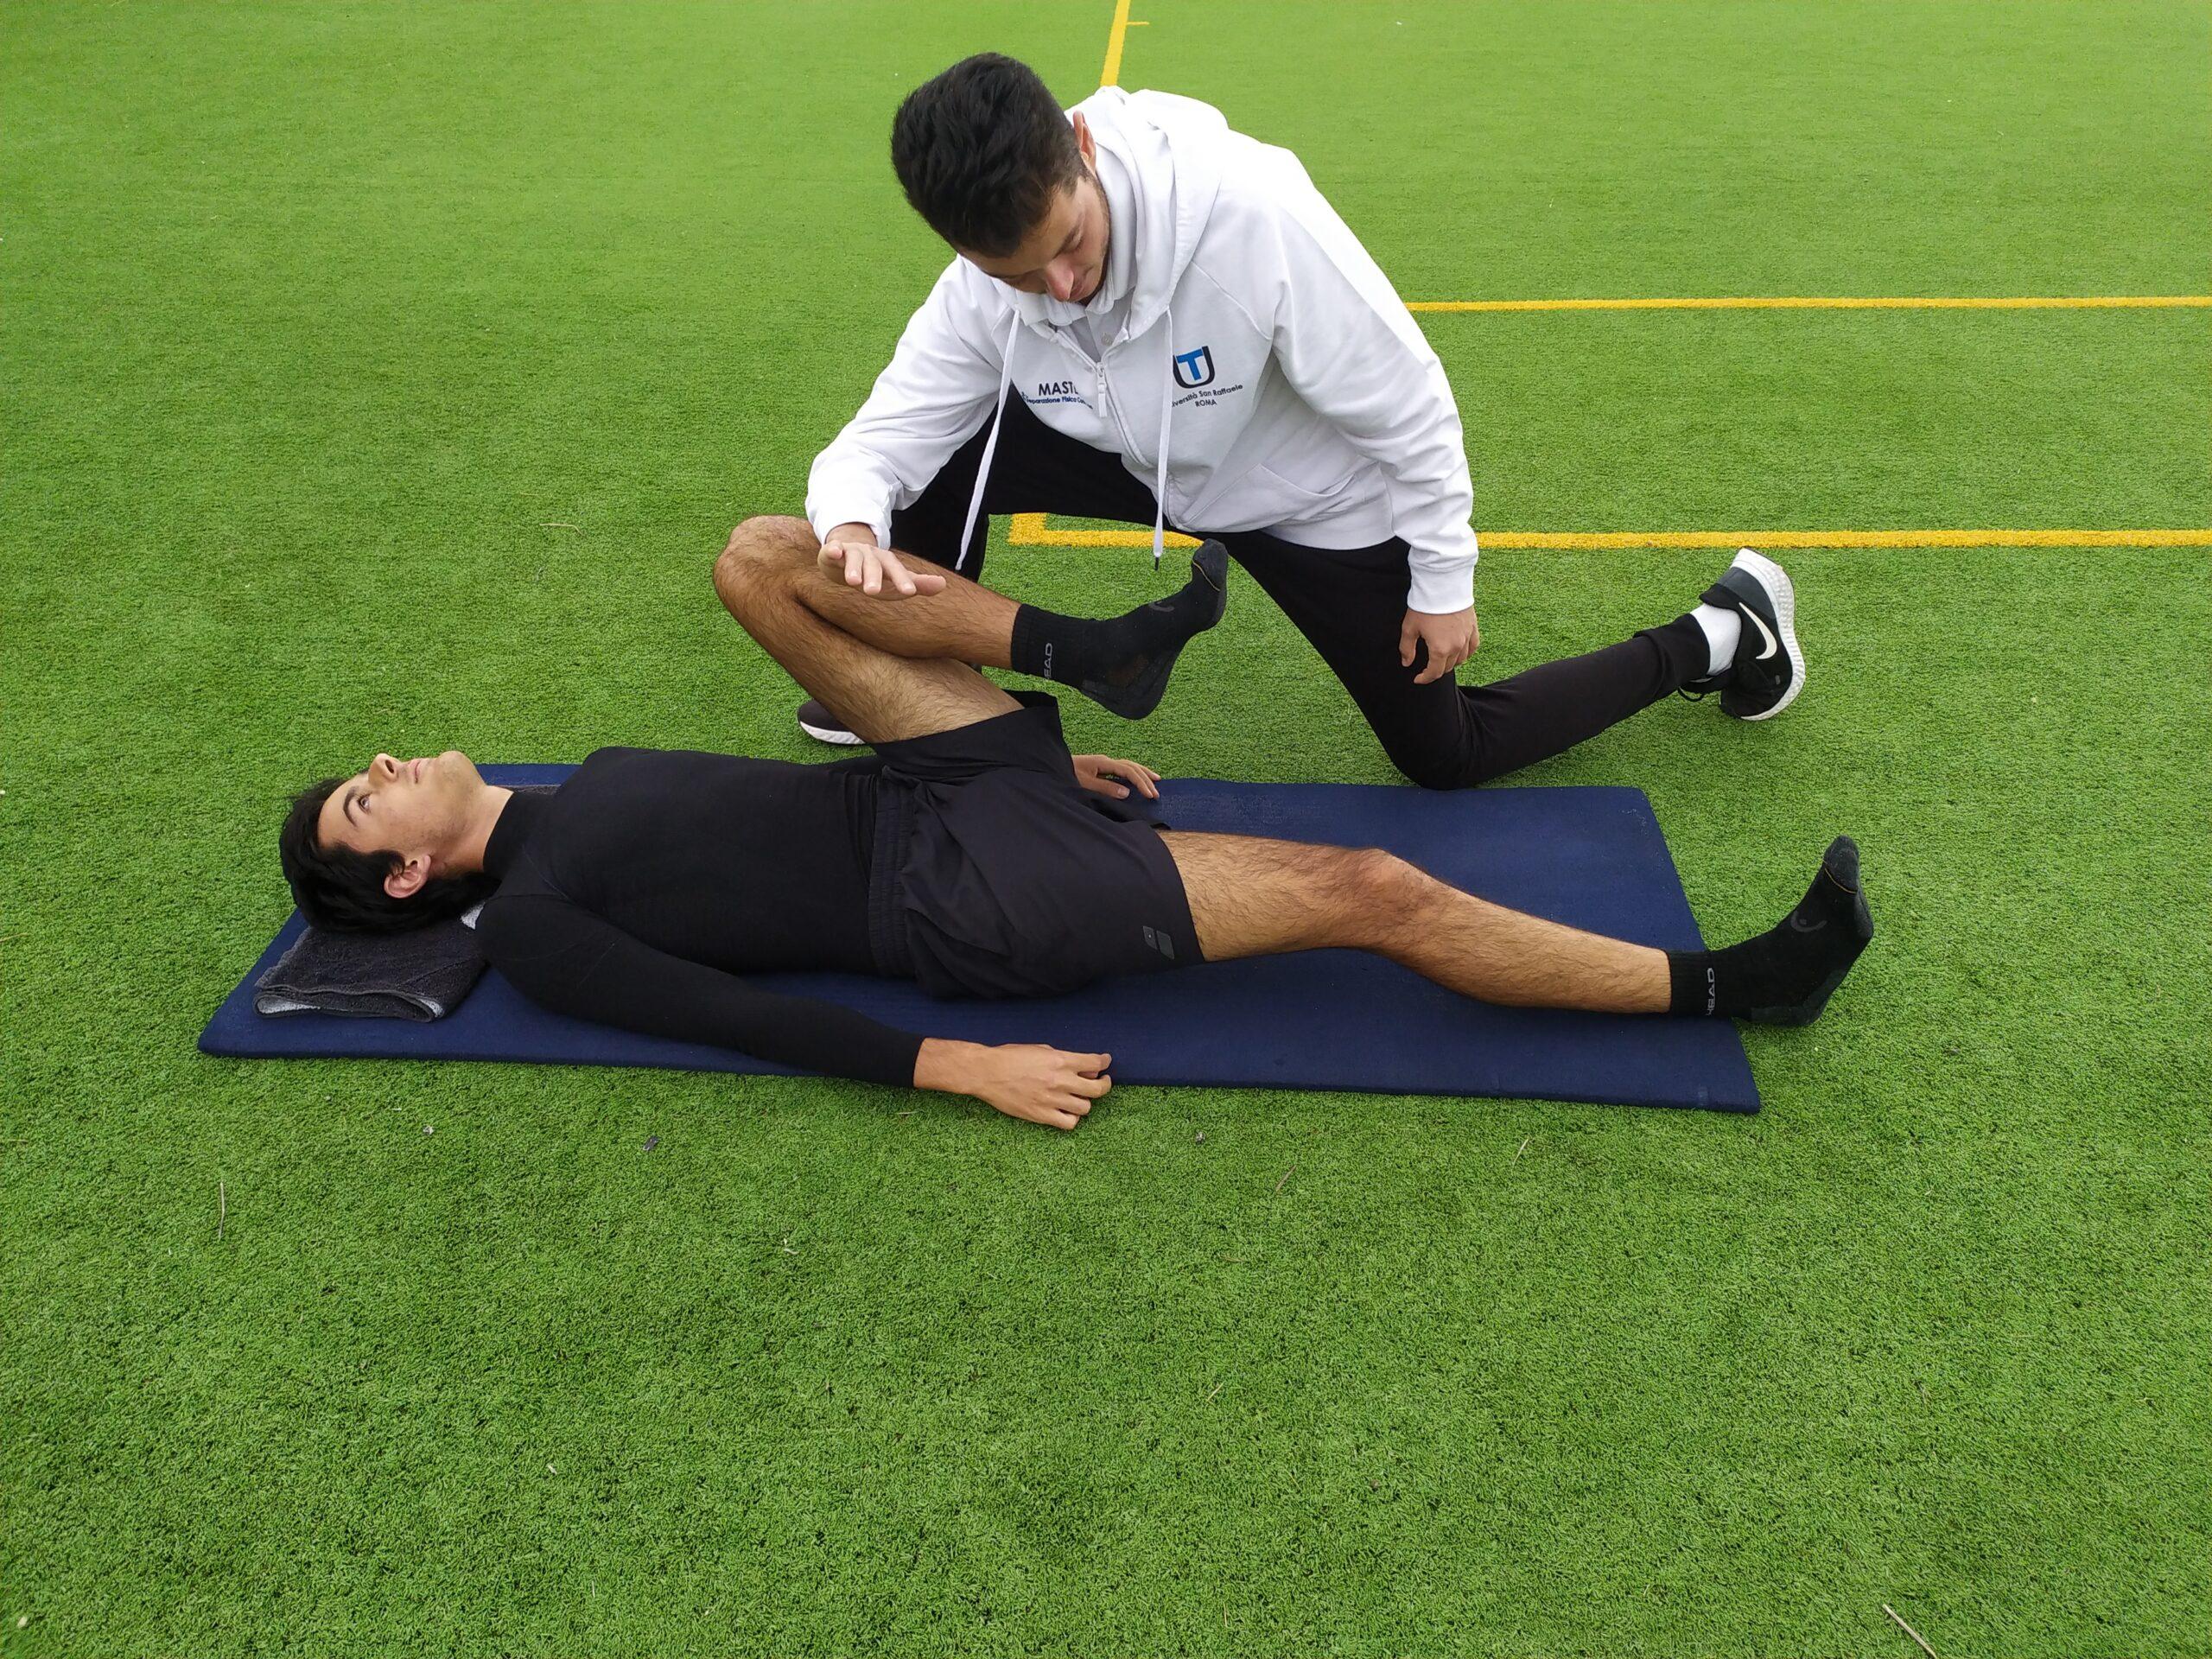 Valutazione ergonomico posturale